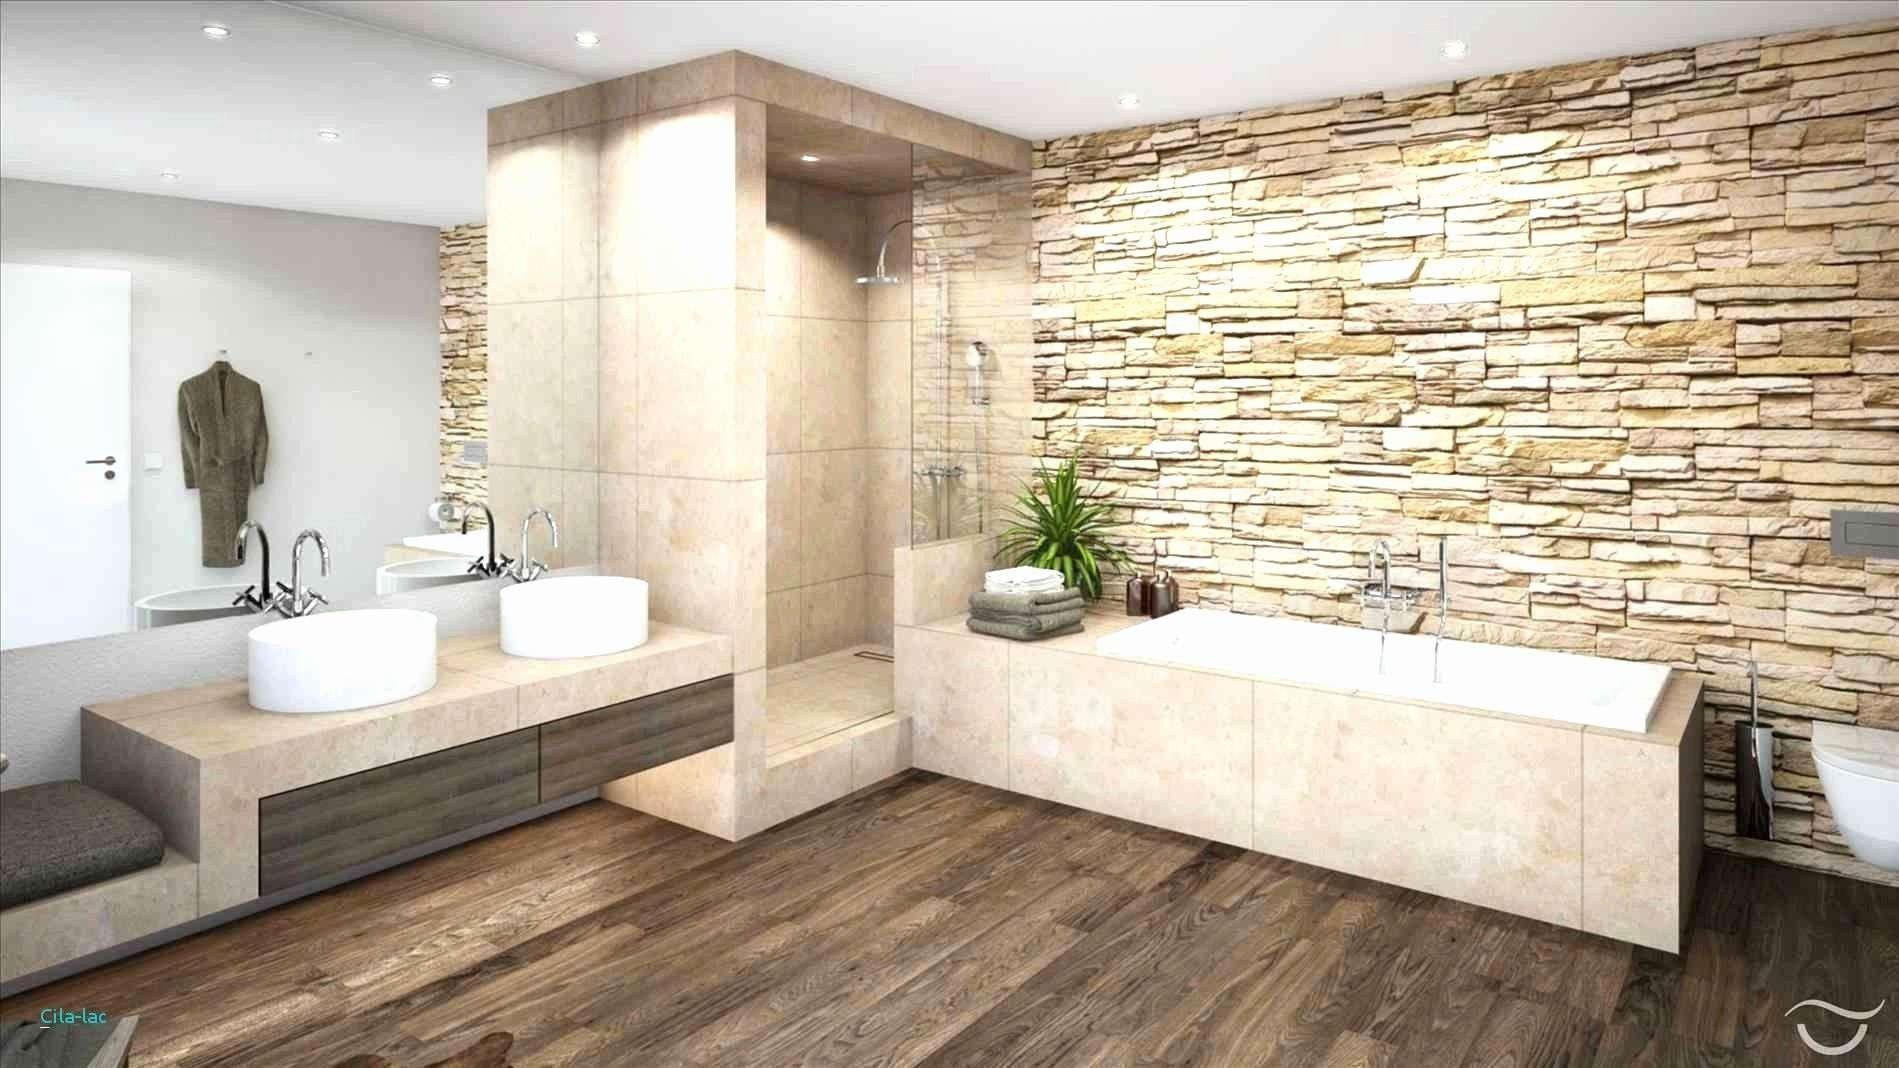 Interior Design Wood Walls Luxury Gestaltung Badezimmer Genial Badezimmer Ideen Fliesen Design Design Badkamer Badkamer Inrichting Badkamerrenovatie